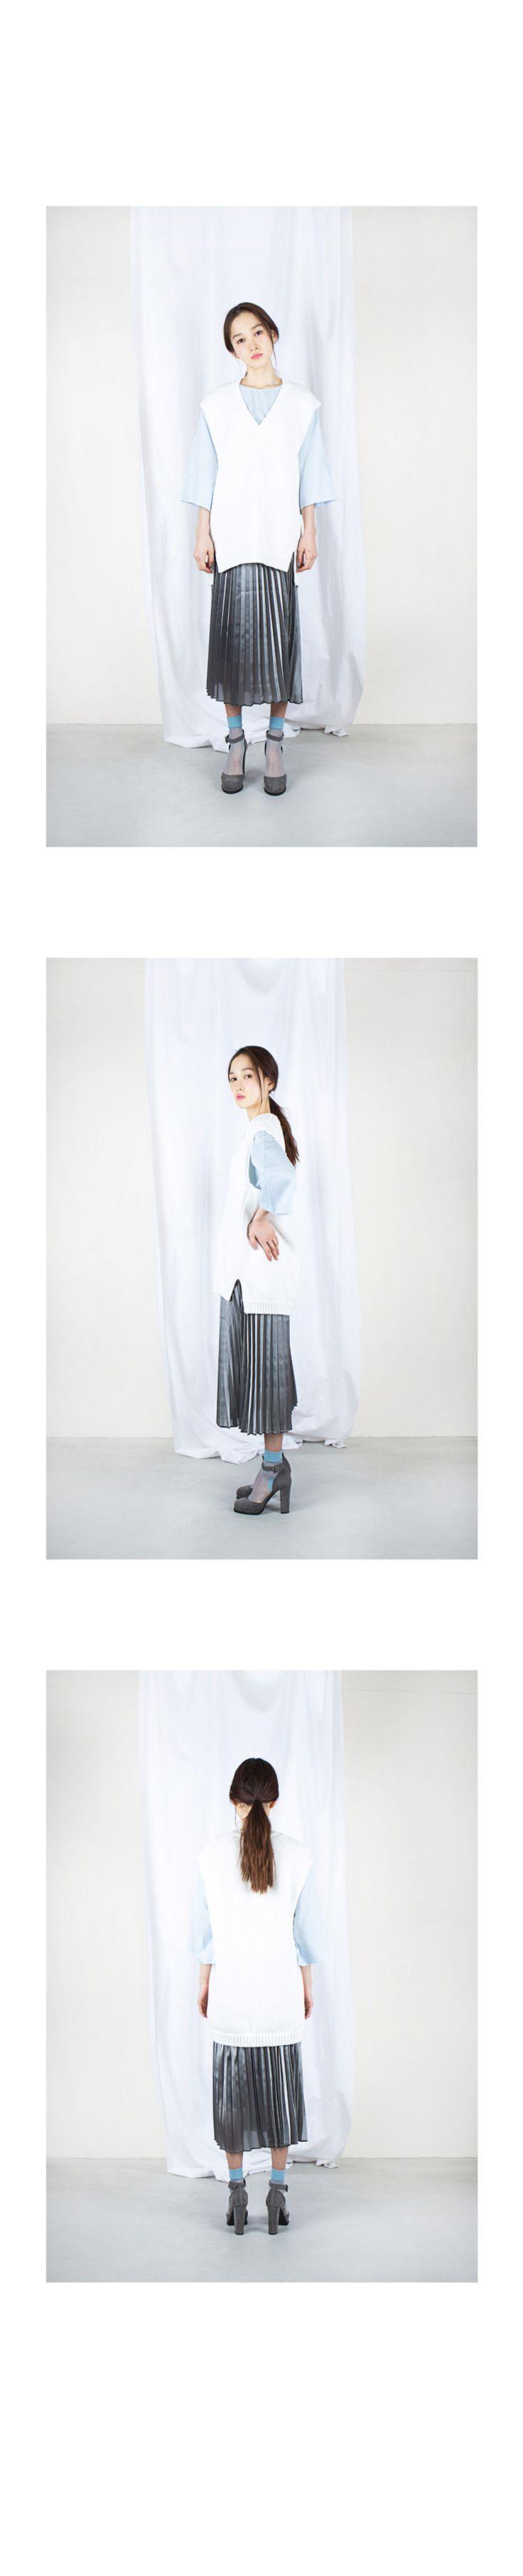 レディースファッション vonBraun(ボンブラウン) 《公式》 / Uネックプルオーバー七分袖ブラウス【t00121】